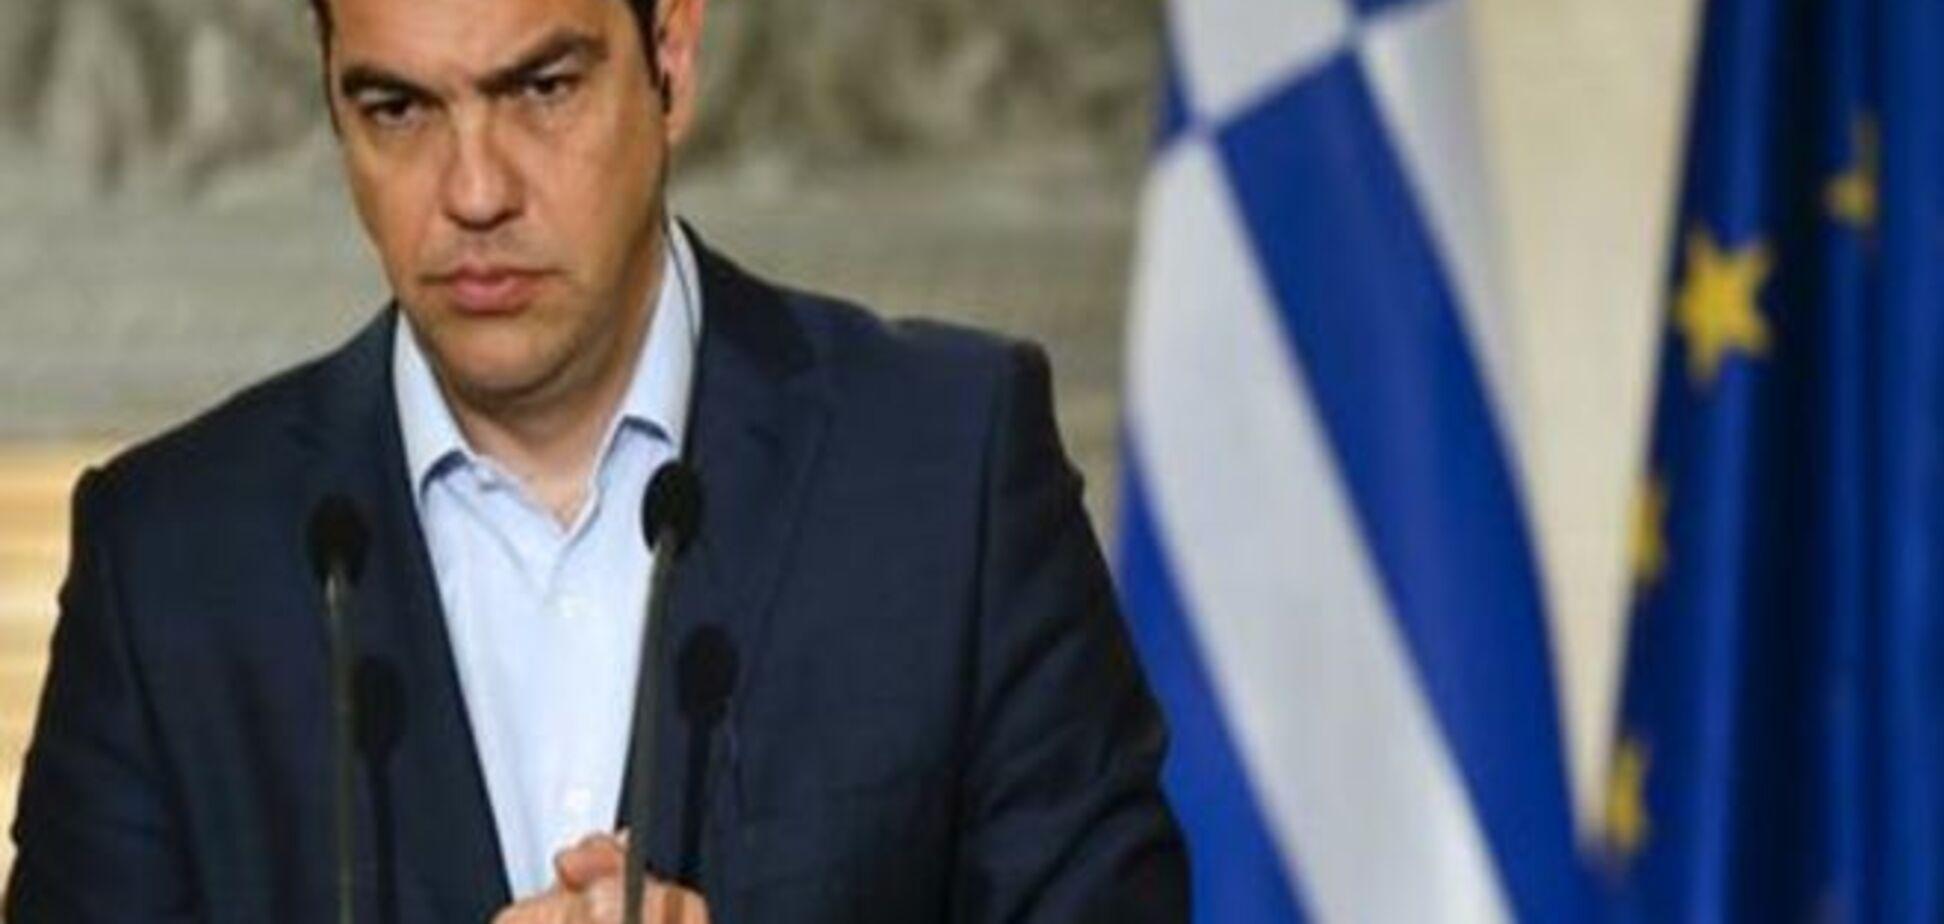 Нові члени грецького уряду прийняли присягу